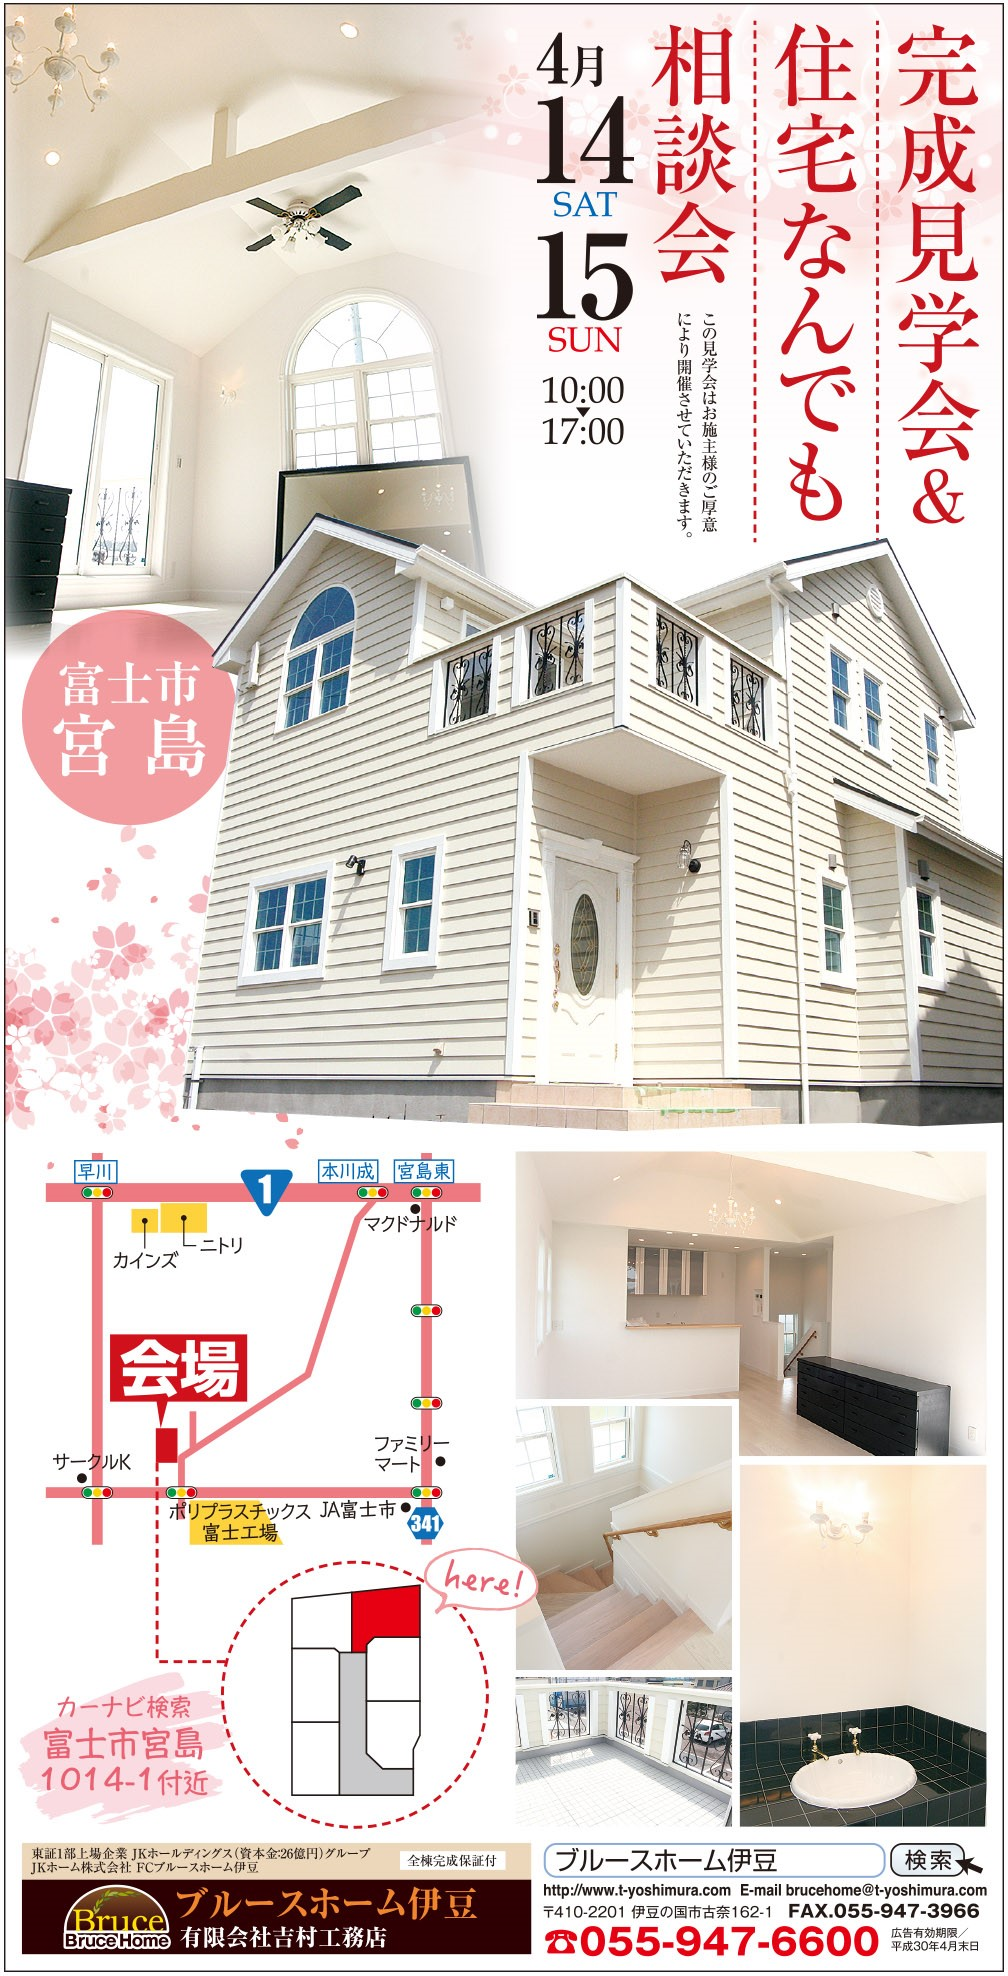 4/14(土)・15(日)完成見学会&住宅なんでも相談会開催!